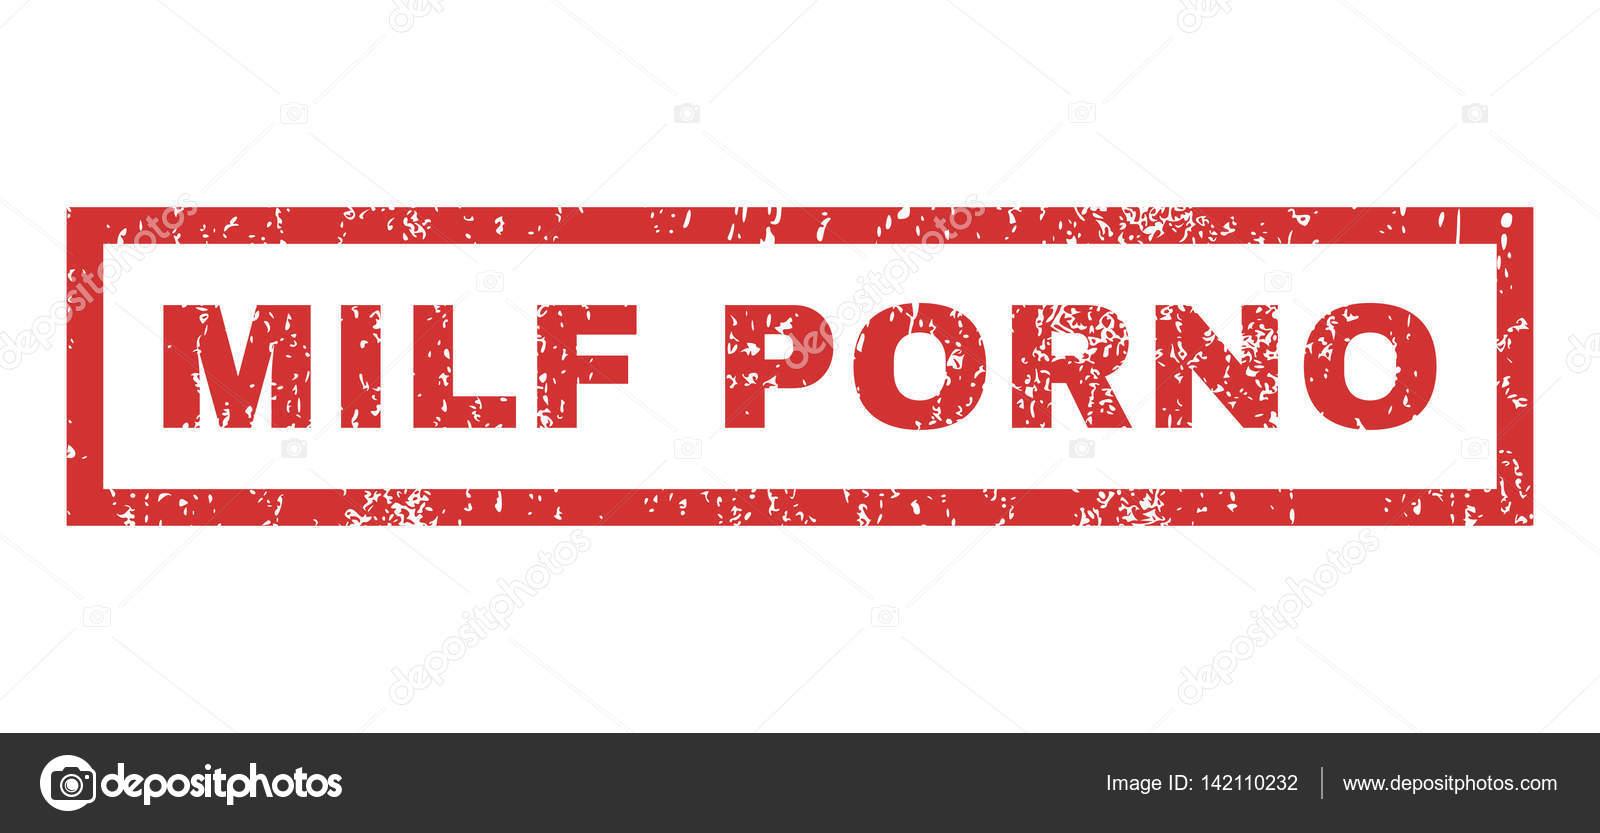 annata Milfs porno gratis estremo brutto porno